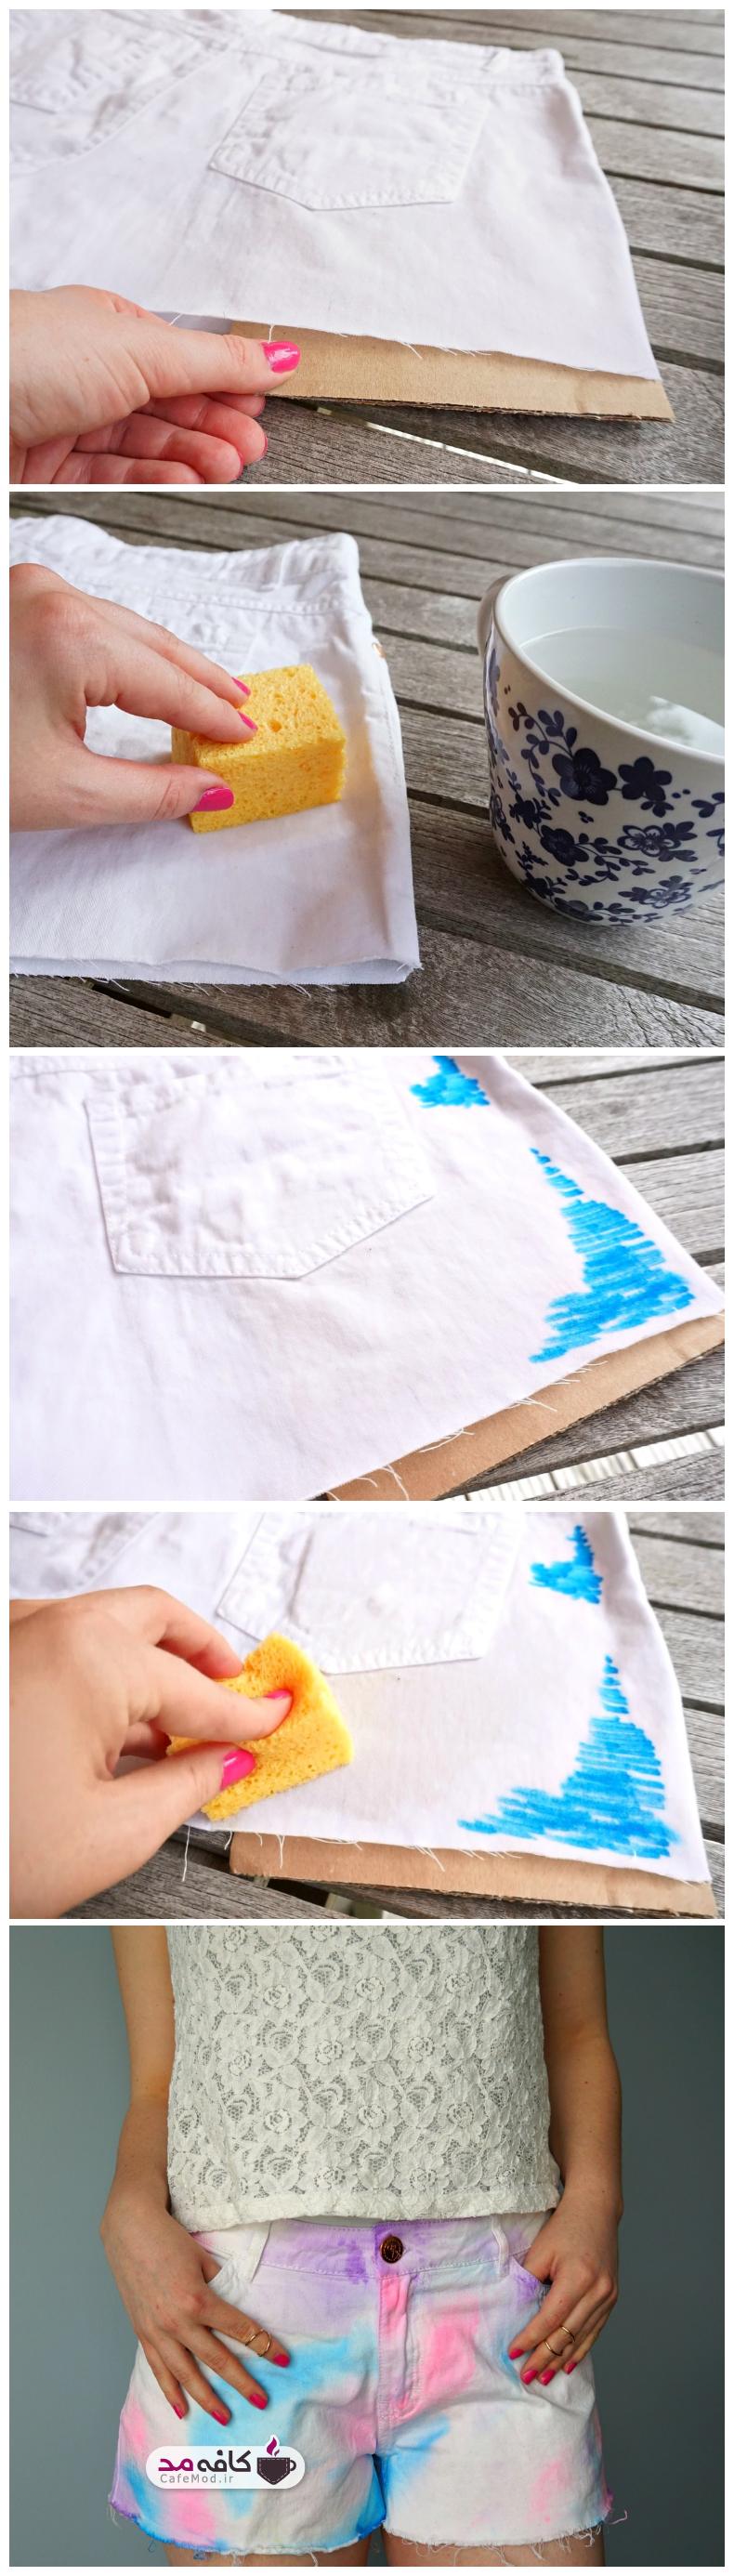 آموزش رنگین کردن شلوارک